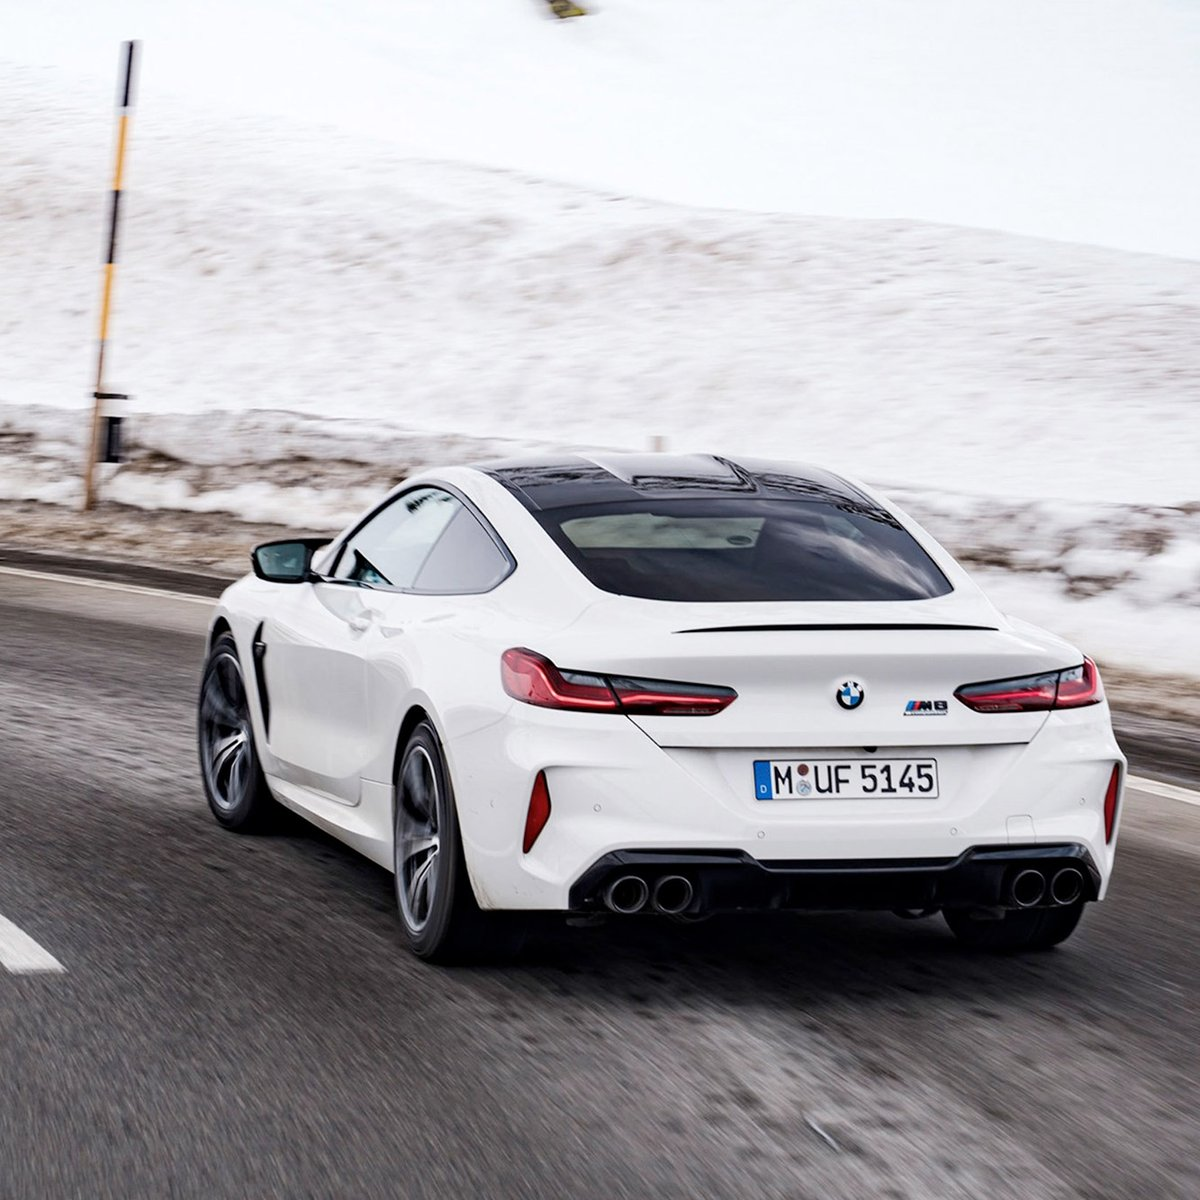 Górskie serpentyny. #TheM8 w swoim naturalnym środowisku. #BMW #M8 Competition Coupé. 625 KM, 750 Nm, 0-100 km/h: 3,2 sek. Prędkość maksymalna (z opcjonalnym M Drivers Package): 305 km/h.